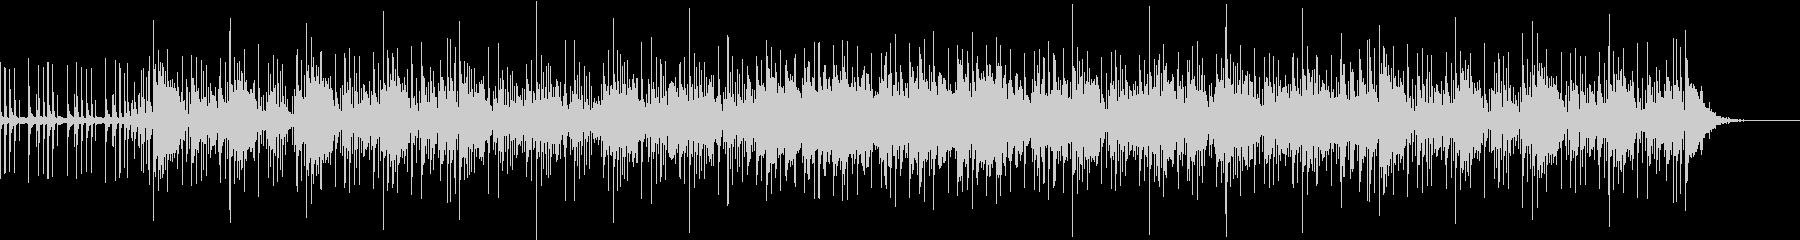 ドラムとシンセの明るいゆったりめのBGMの未再生の波形